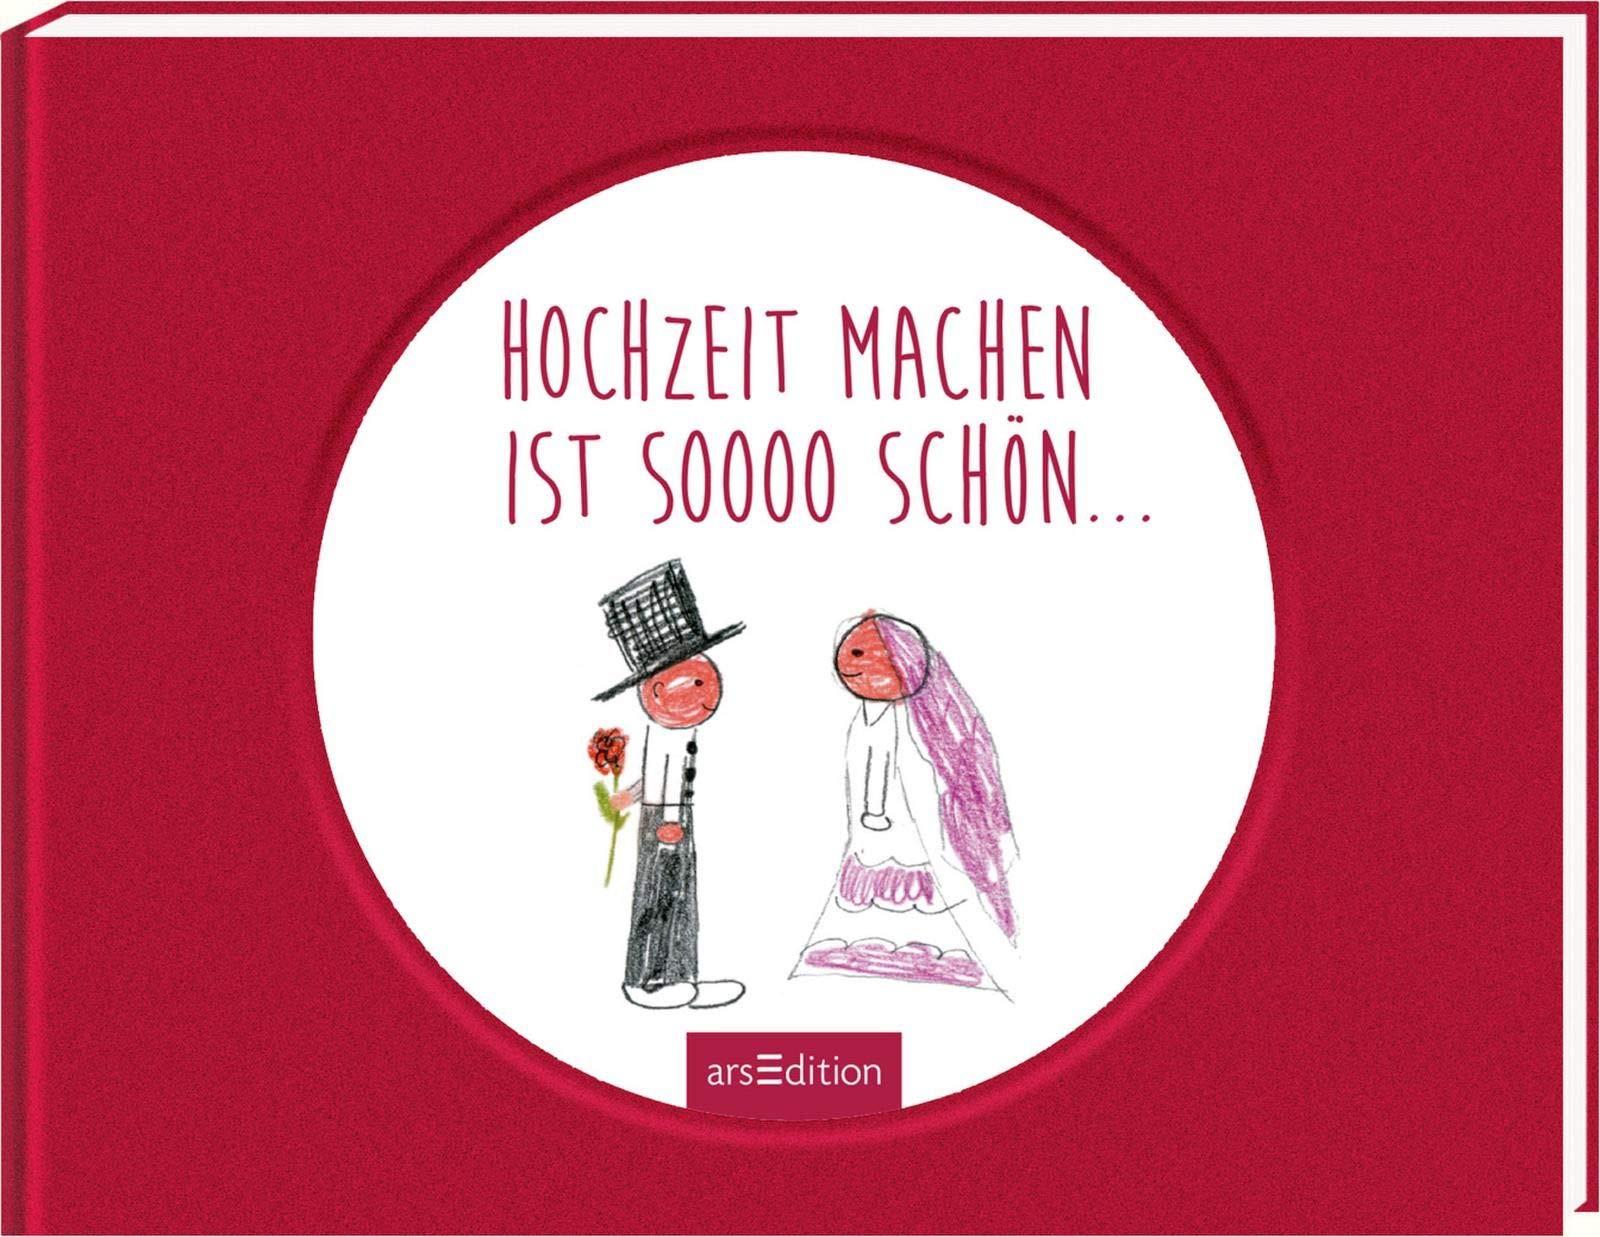 Hochzeit Machen Ist Sooo Schön Amazonde Jan Kuhl Bã¼cher